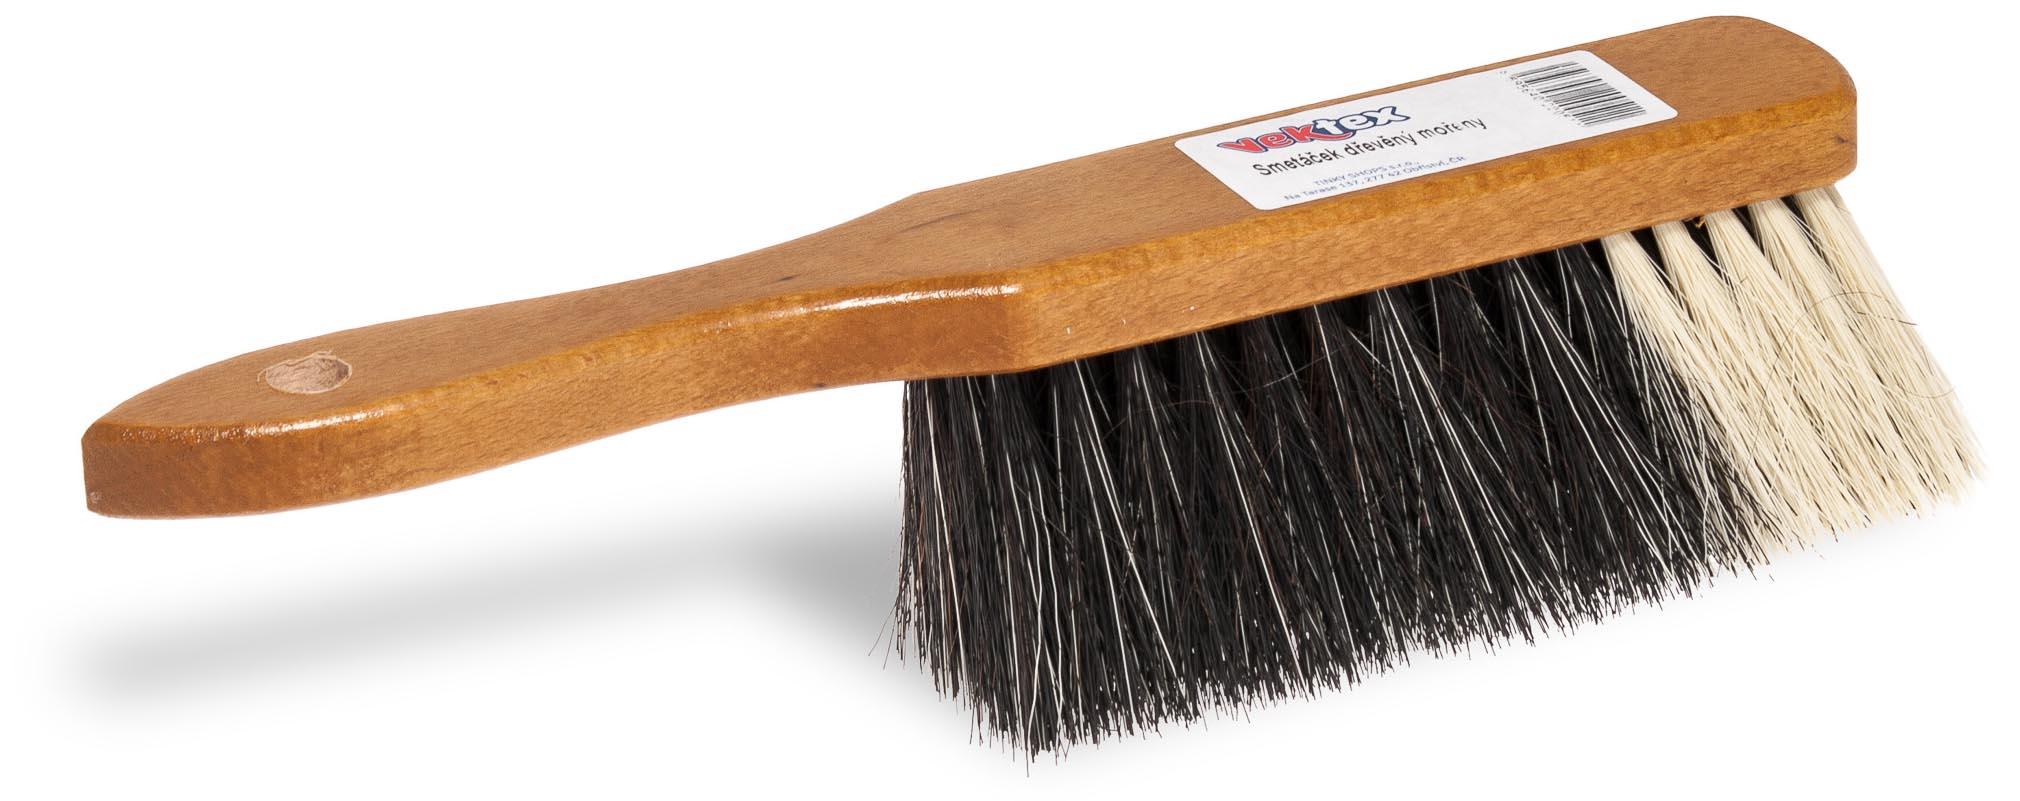 Vektex dřevěný smetáček mořený